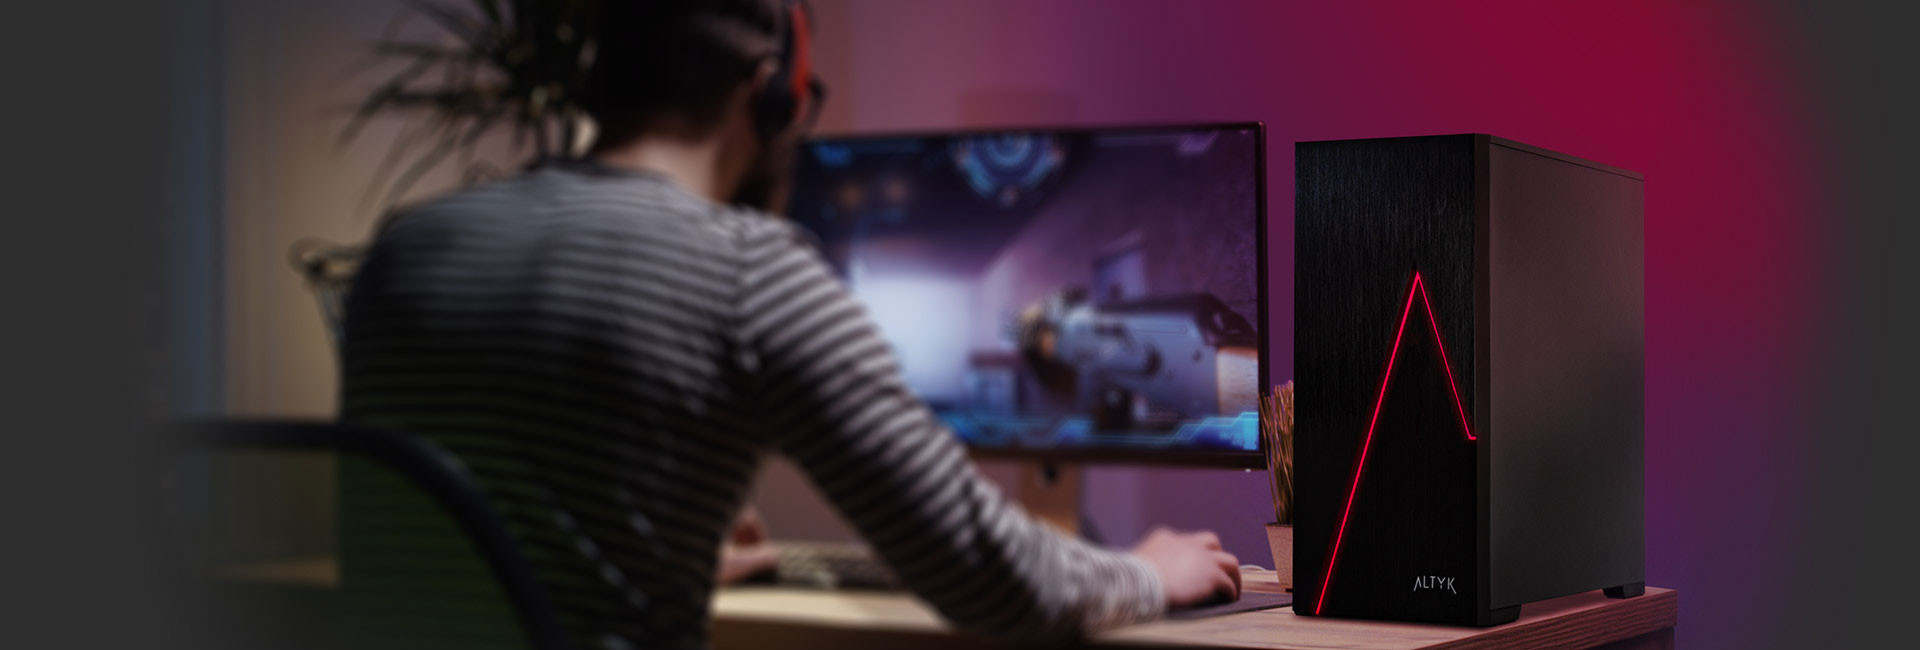 Configurez votre PC gamer sur mesure - Altyk